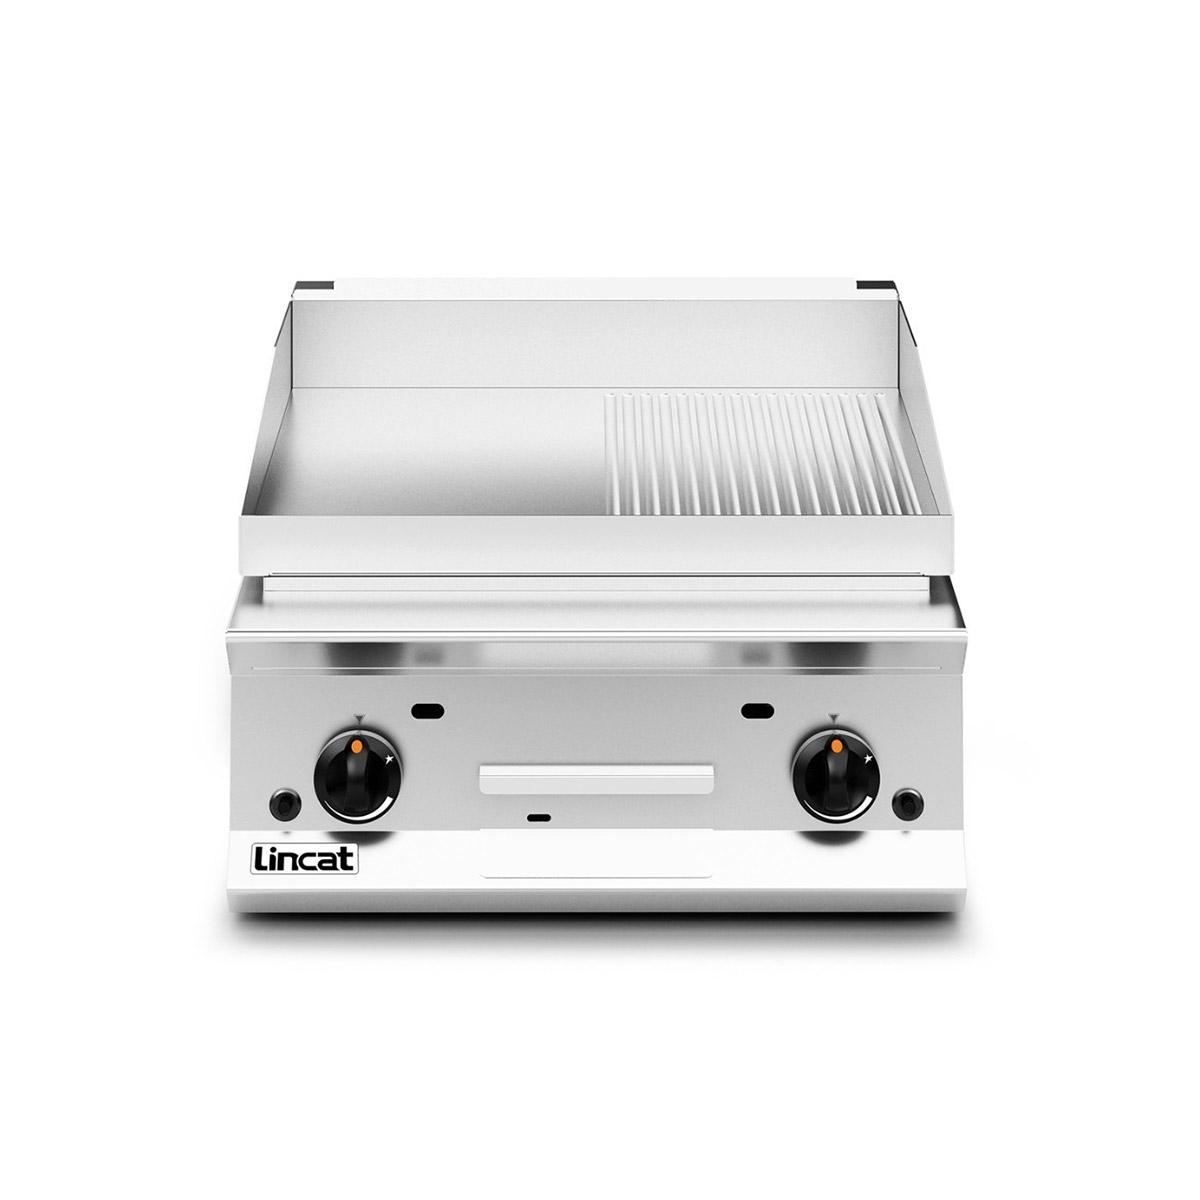 Lincat Opus 800 Half Ribbed Gas Griddle Model: OG8201/R/P (Propane)